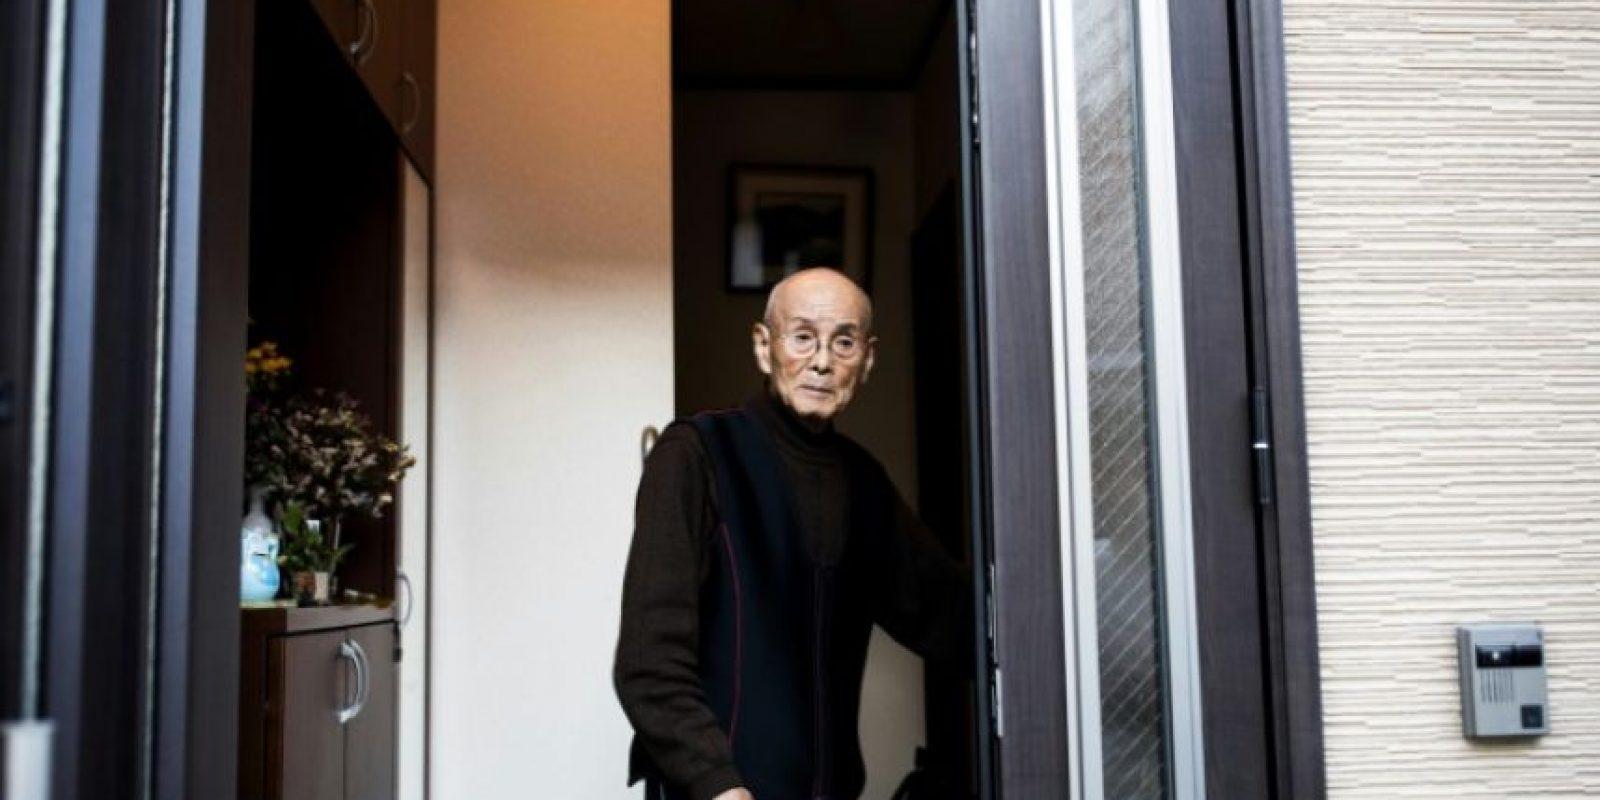 El veterano de guerra japonés Kuniyoshi Takimoto, mecánico militar durante la ofensiva a Pearl Harbor de 1941, en el portal de su casa en Osaka, durante una entrevista a la AFP el 3 de diciembre de 2016 Foto:Behrouz Mehri/afp.com